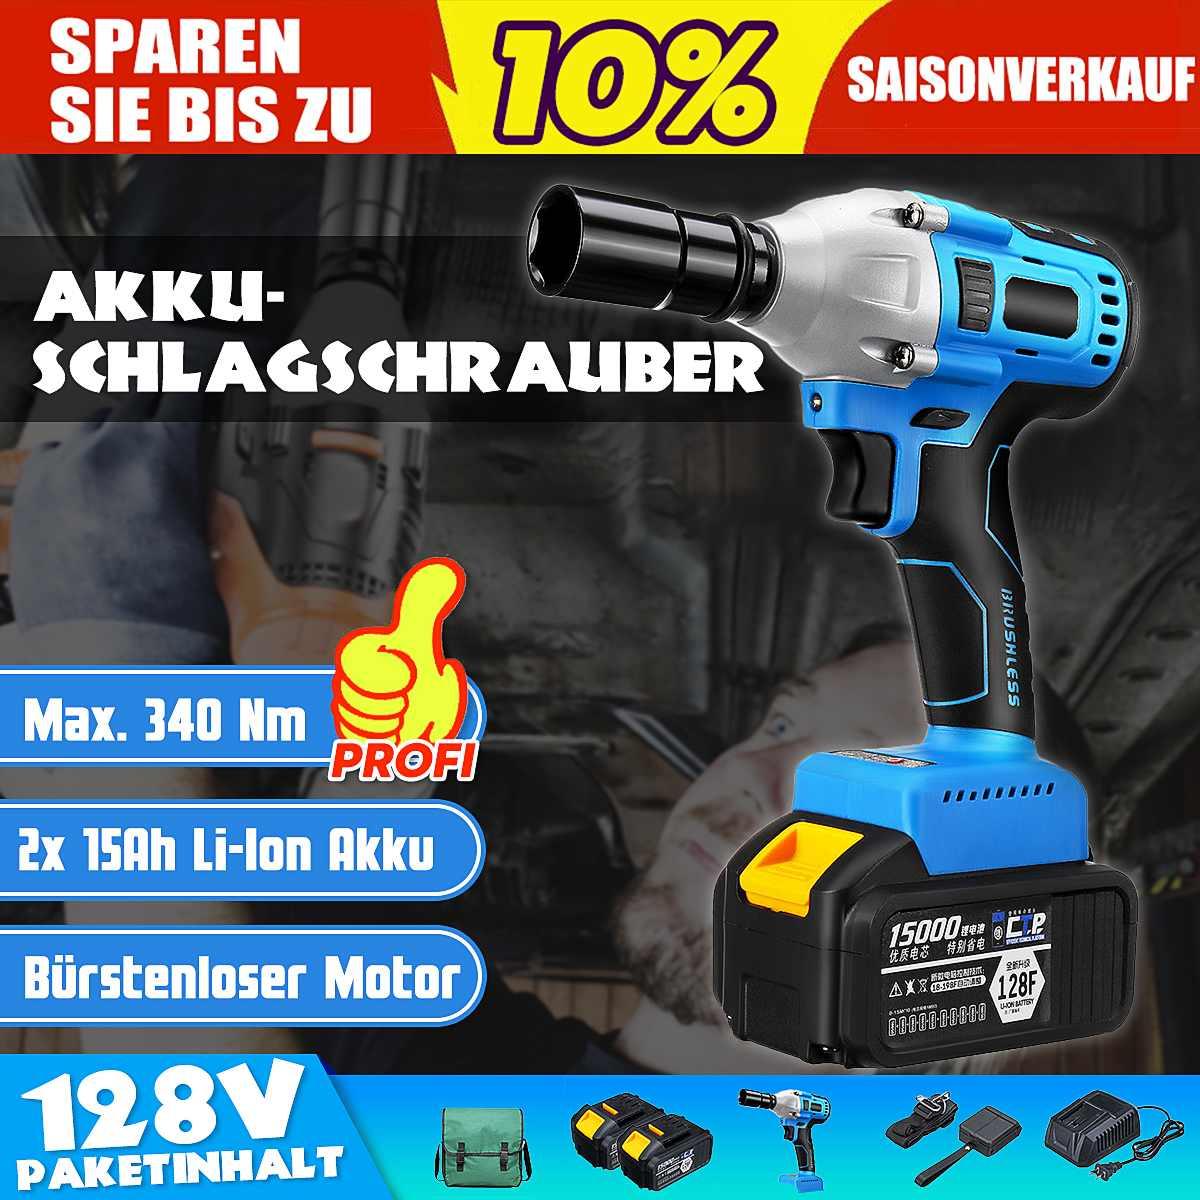 100-240 V AC sans brosse/sans fil clé électrique à chocs clé à douille 15000 mAh Li batterie perceuse à main Installation outils électriques